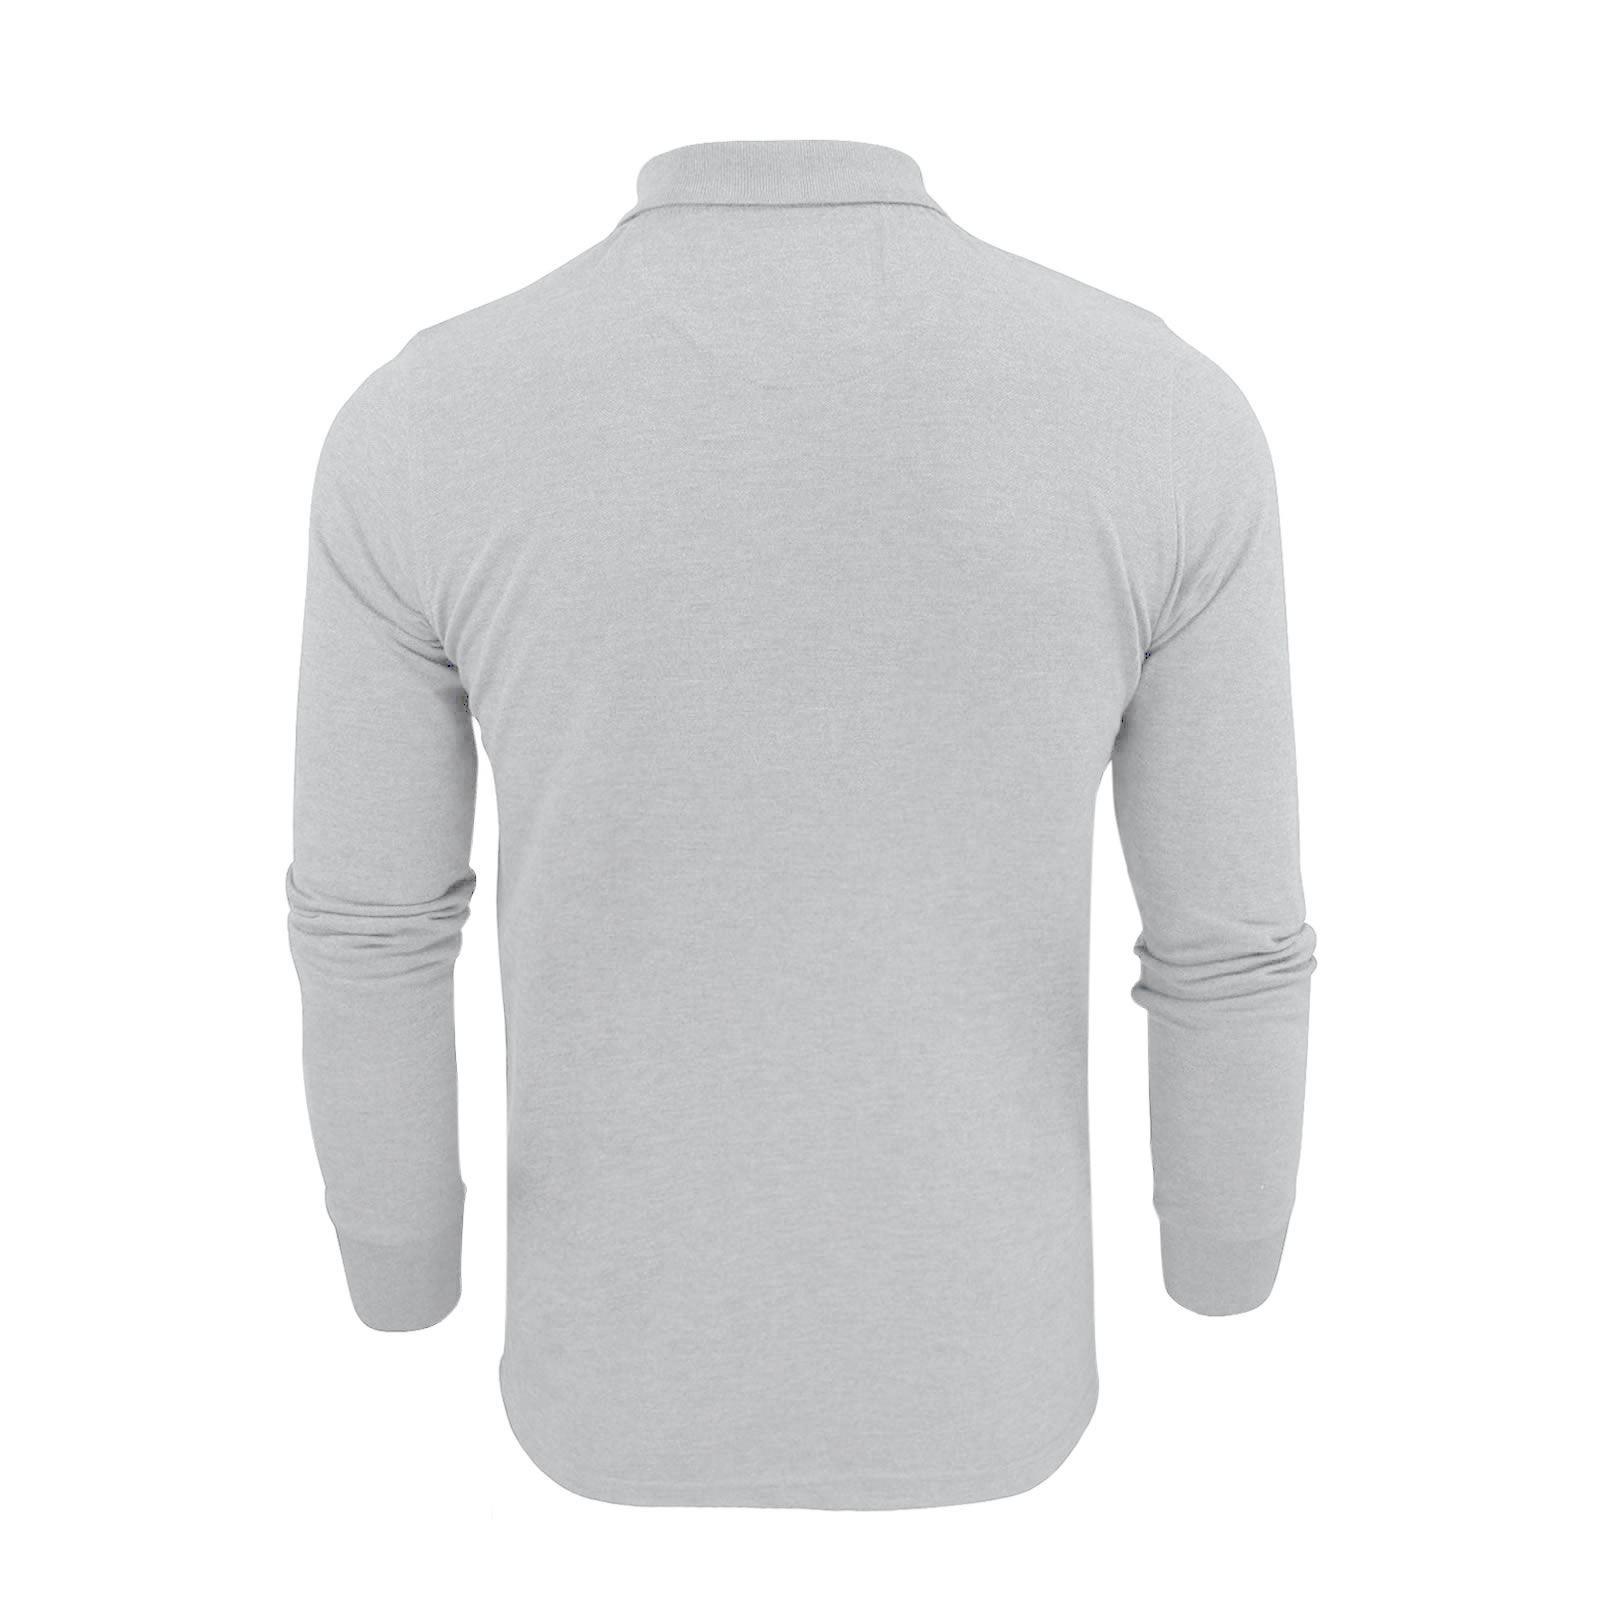 Homme-polo-t-shirt-brave-soul-lincoln-en-coton-a-manches-longues-pique-haut-decontracte miniature 17